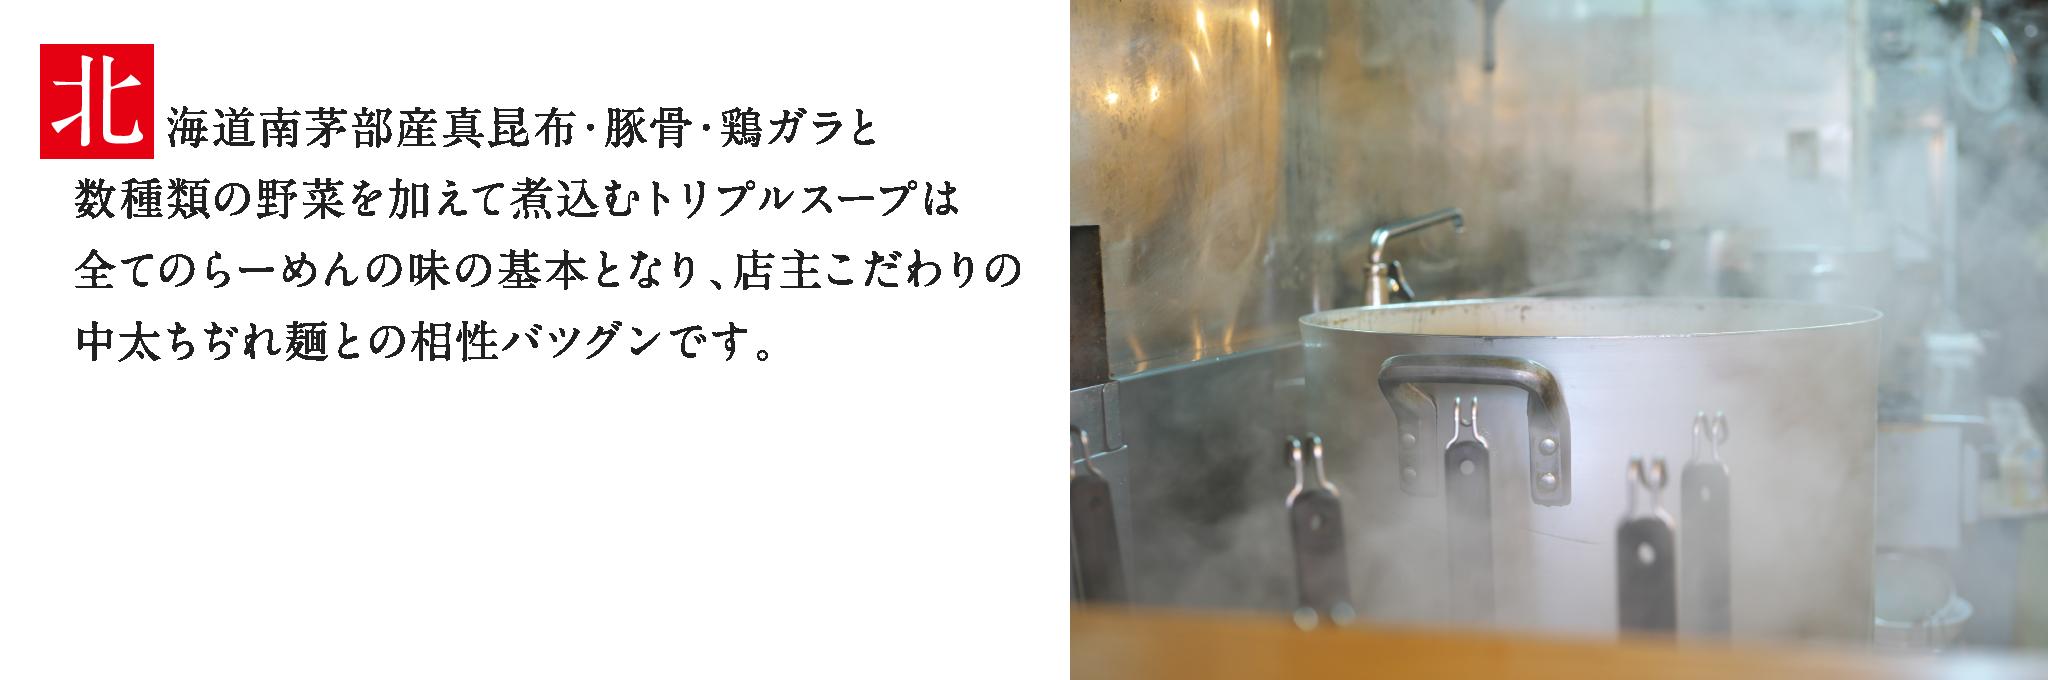 北海道南茅部産真昆布・豚骨・鶏ガラと数種類の野菜を加えて煮込むトリプルスープは全てのらーめんの味の基本となり、店主こだわりの中太ちぢれ麺との相性バツグンです。